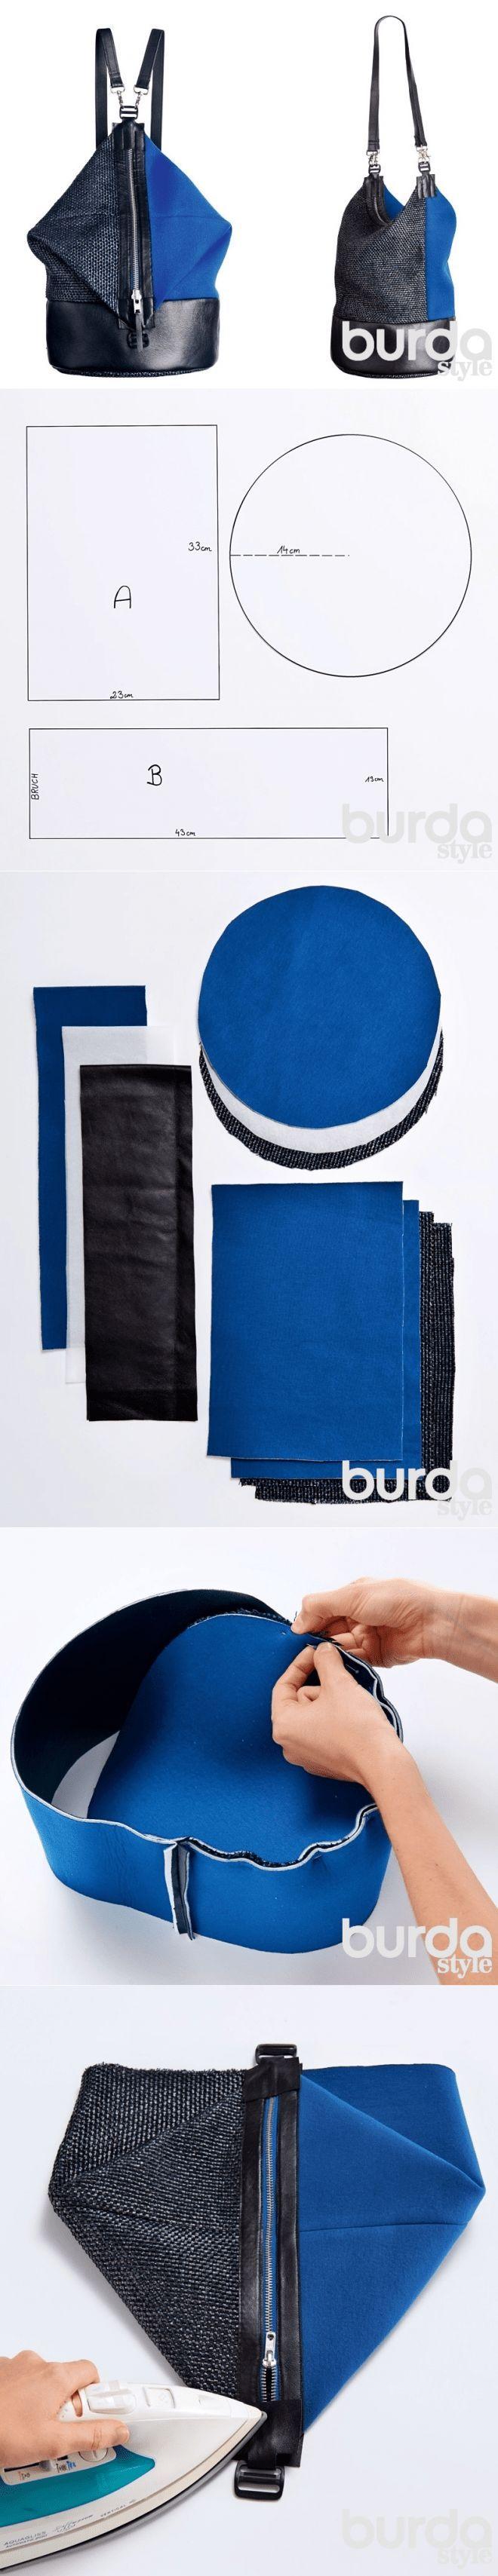 Wie erstelle ich einen Rucksack: Free Pattern – #einen #erstelle #Free #ich #Pattern #Rucksack #wie – pintogotopclub